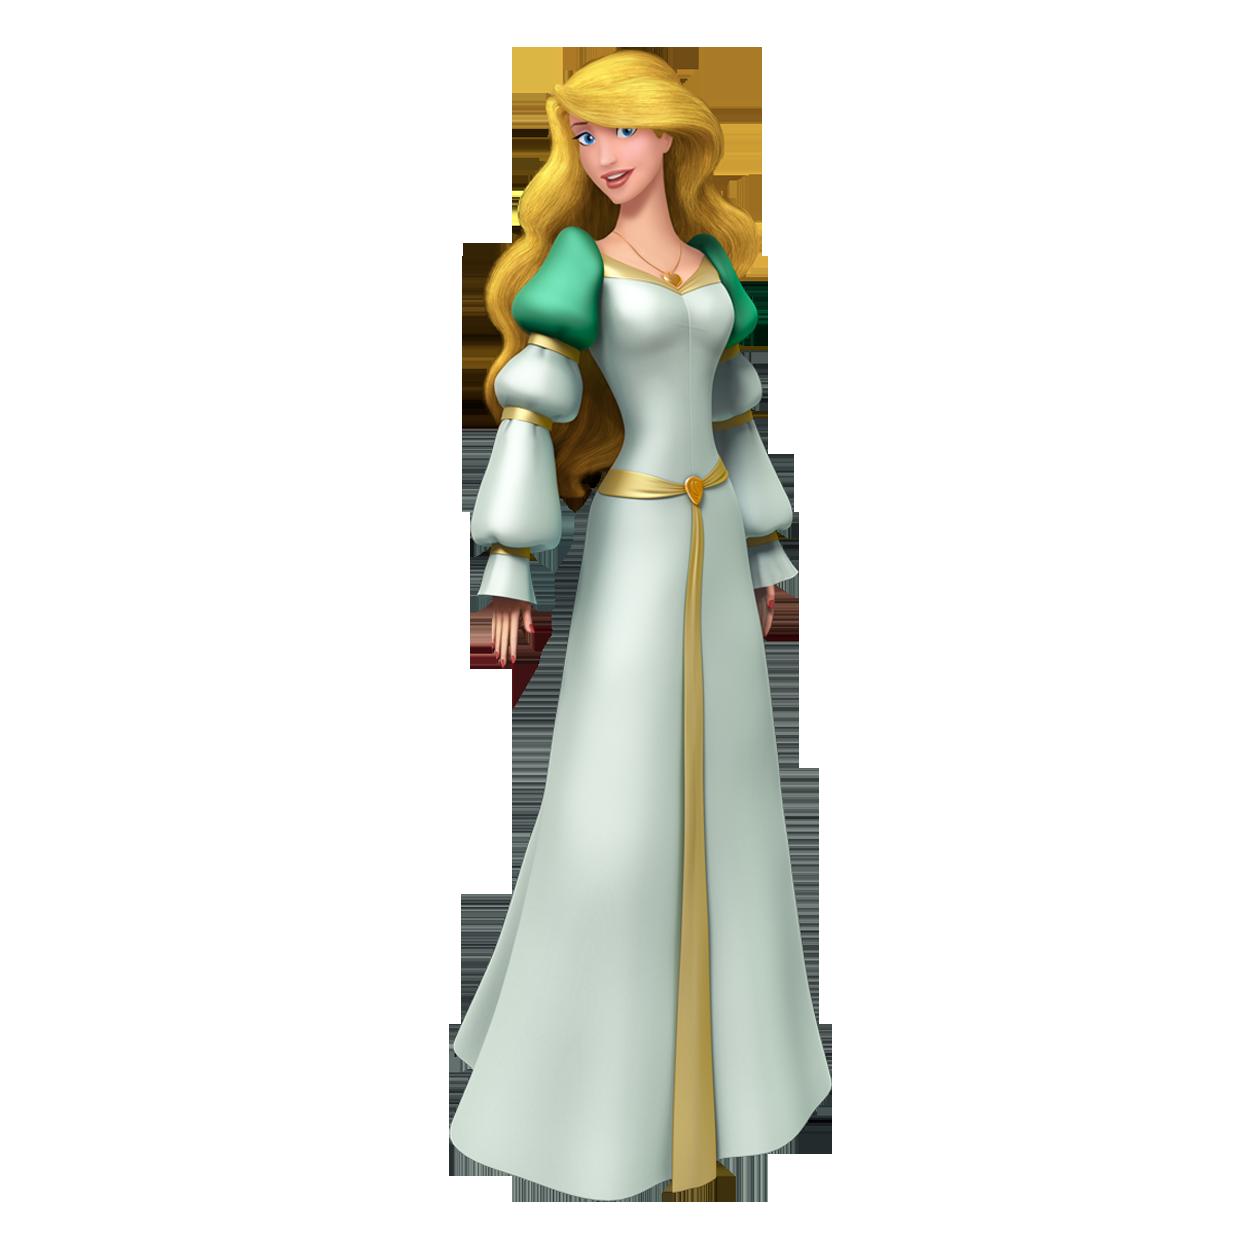 odette the swan princess wiki fandom powered by wikia